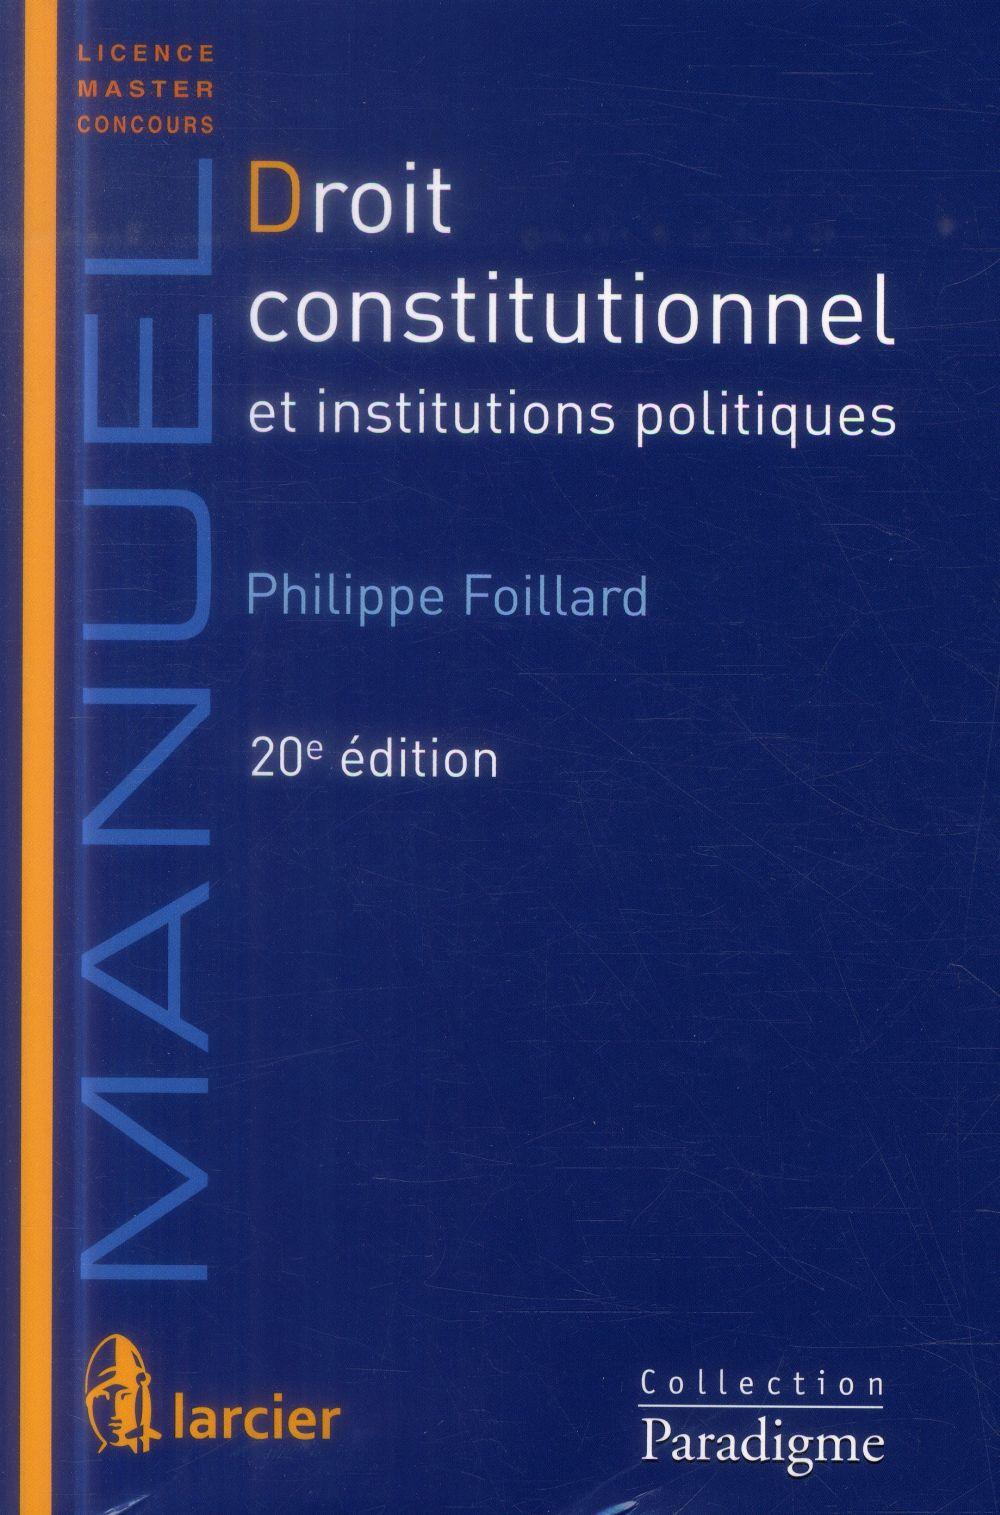 Droit constitutionnel et institutions politiques (20e édition)